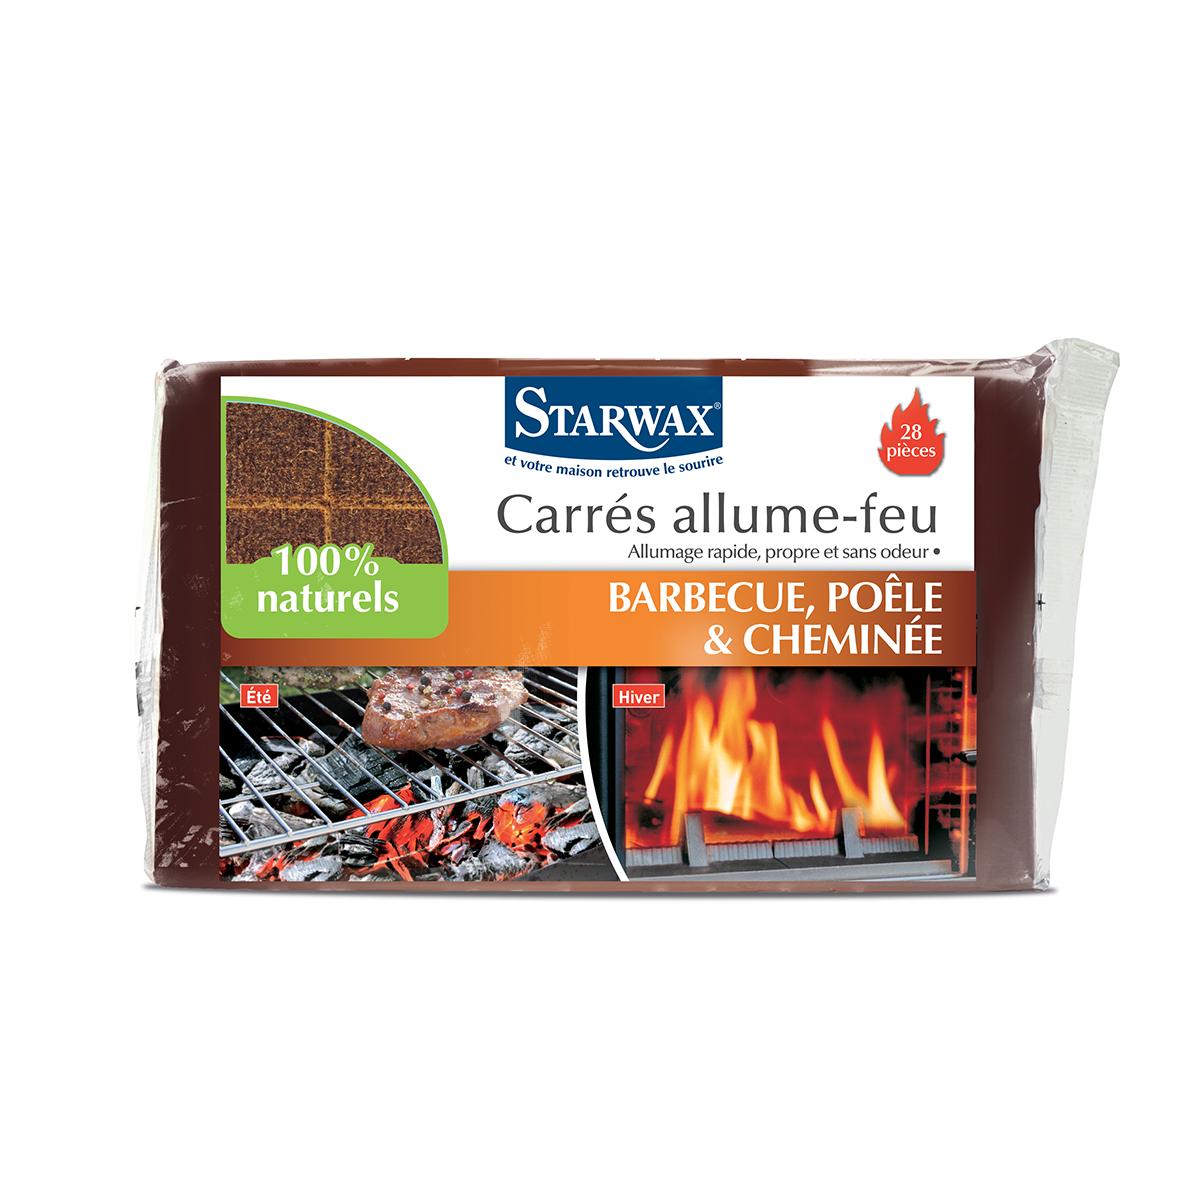 carrés allume-feu pour barbecue, poêle et cheminée | starwax